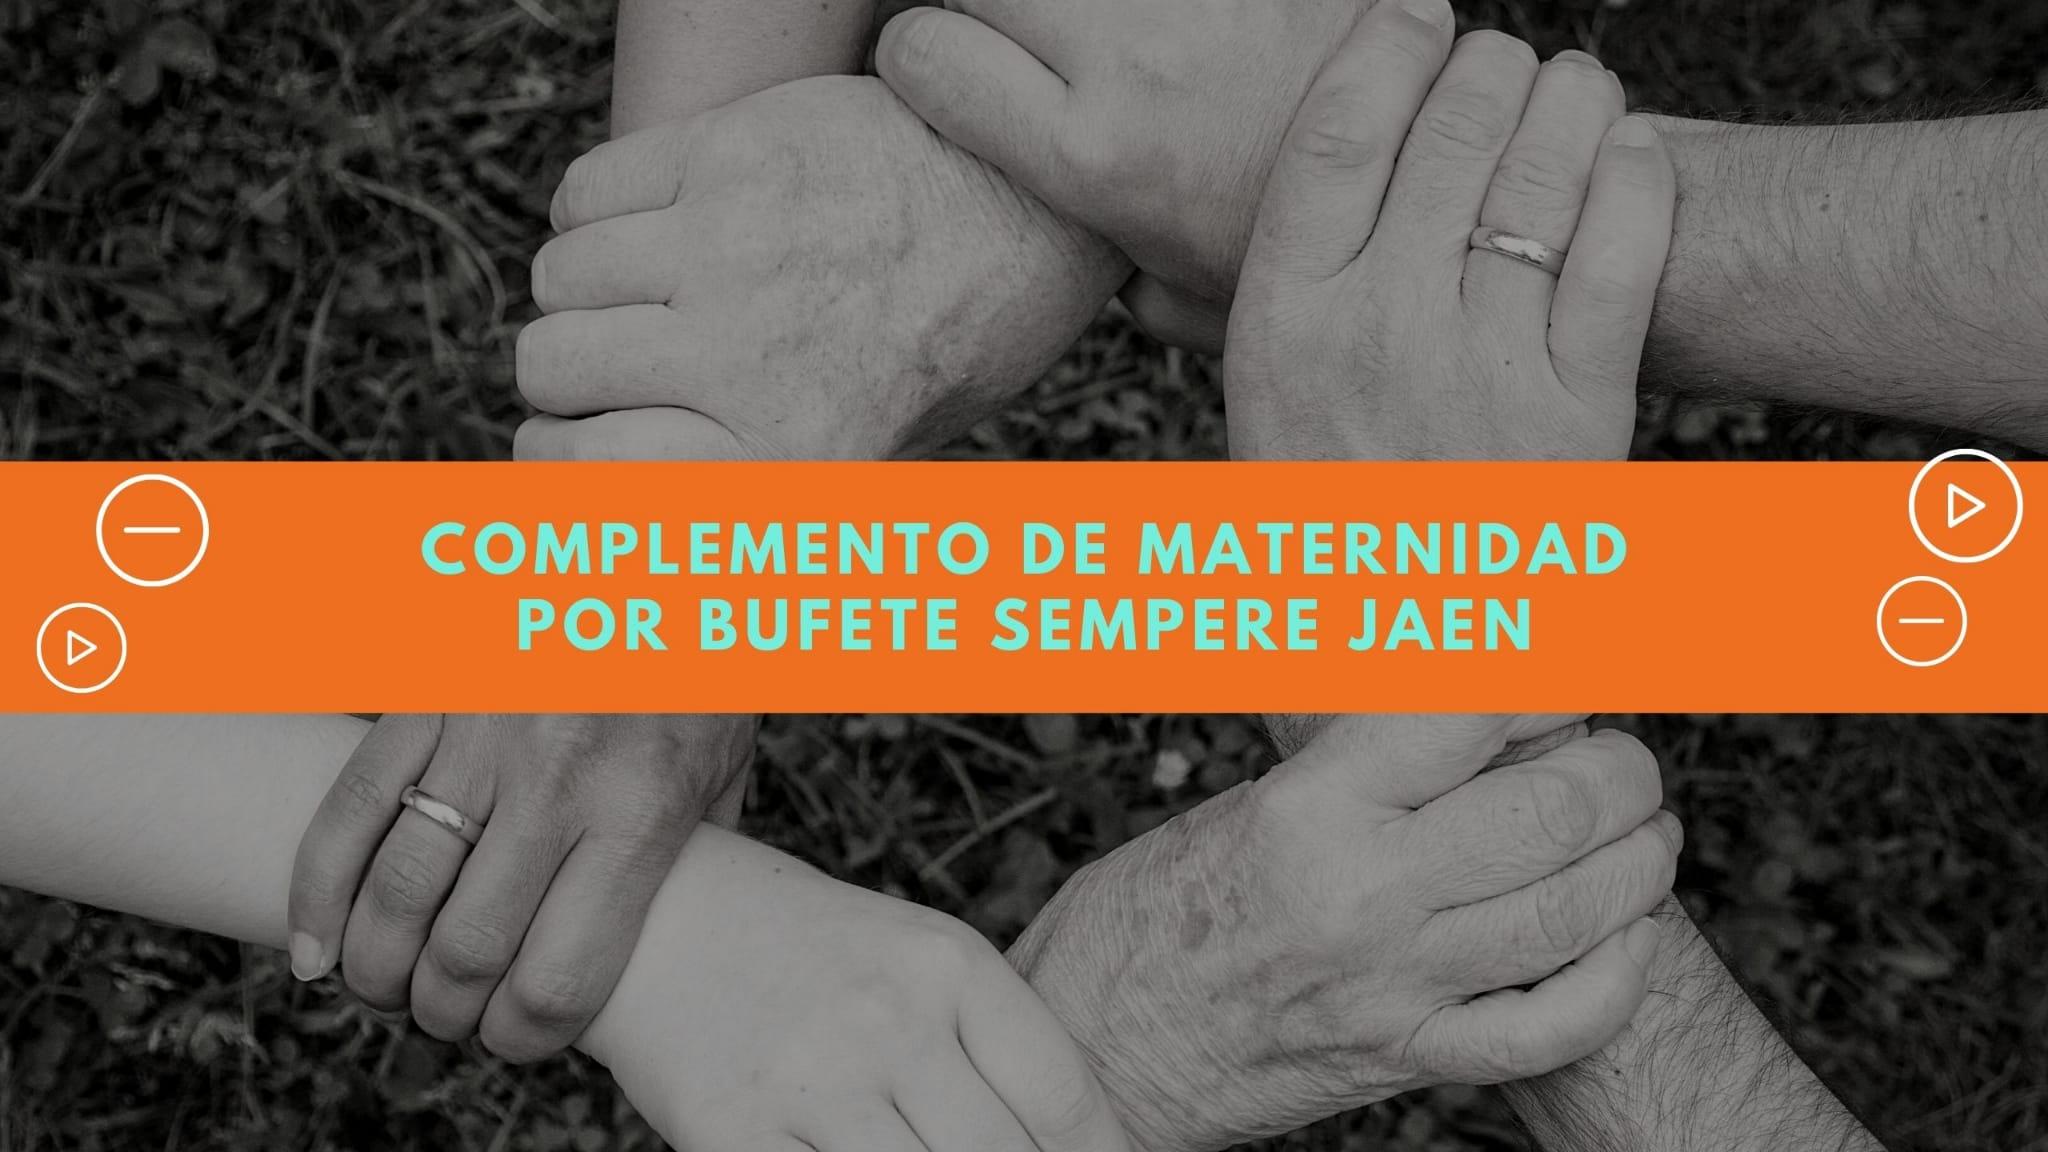 ¿Puede un hombre cobrar el complemento de maternidad en su pensión?